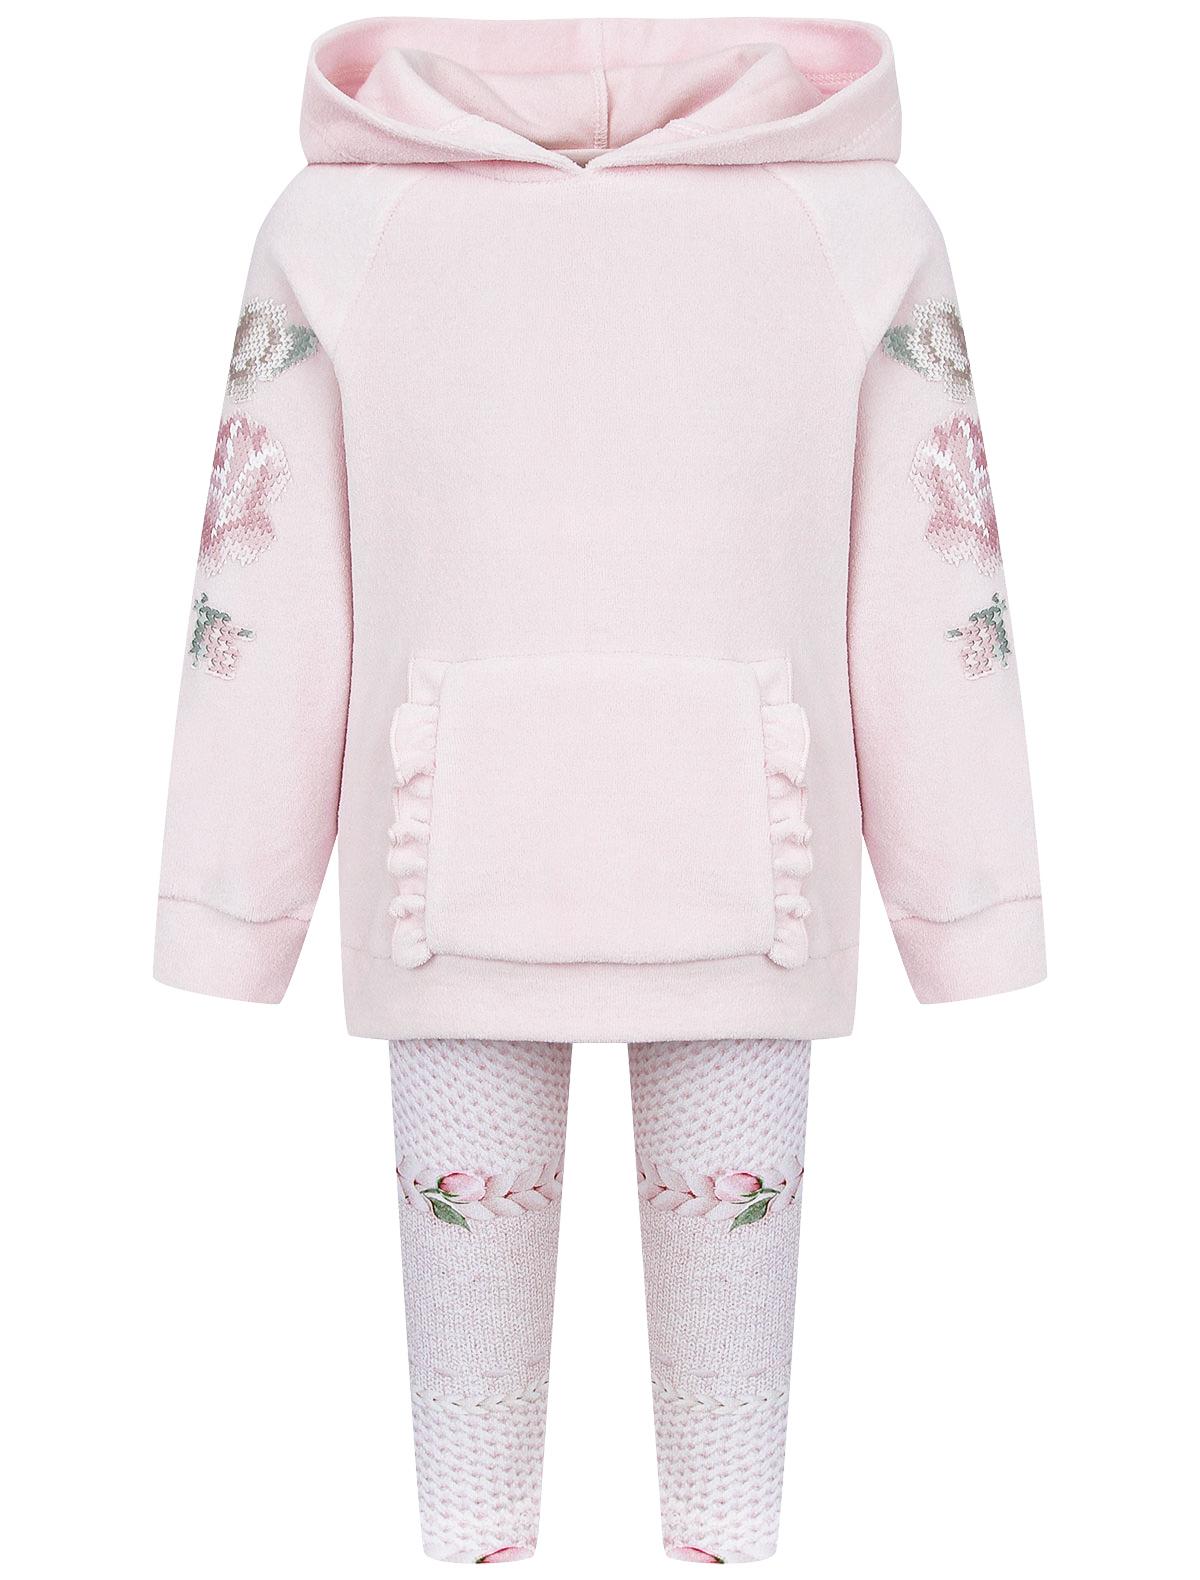 Купить 2345101, Комплект из 2 шт. Lapin House, розовый, Женский, 3024509181326